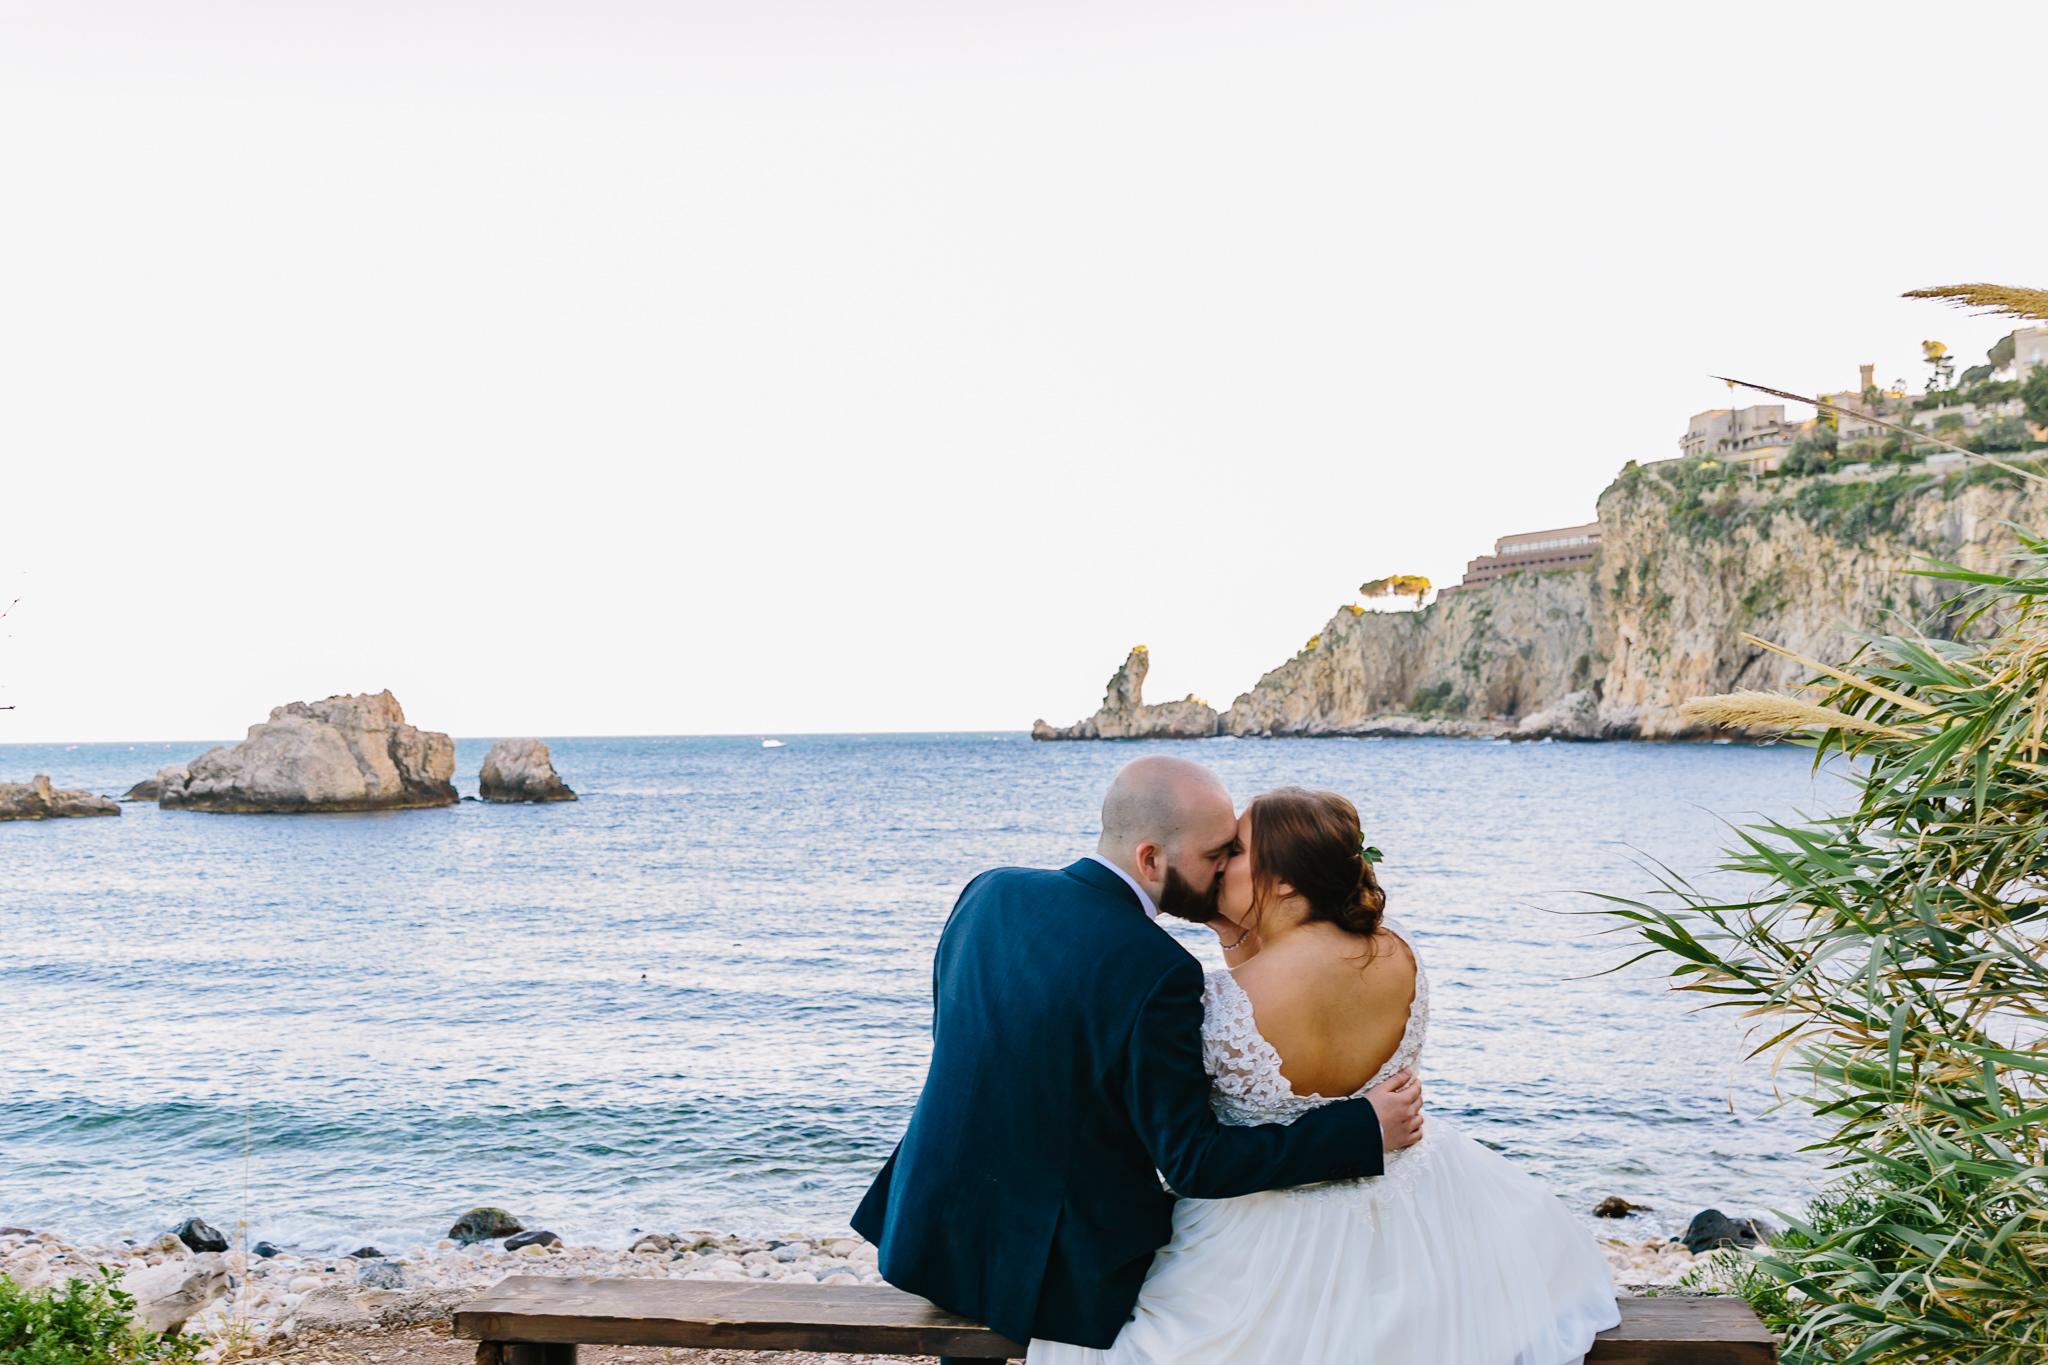 053-2019-04-27-Wedding-Michelle-e-Callum-5DE-714